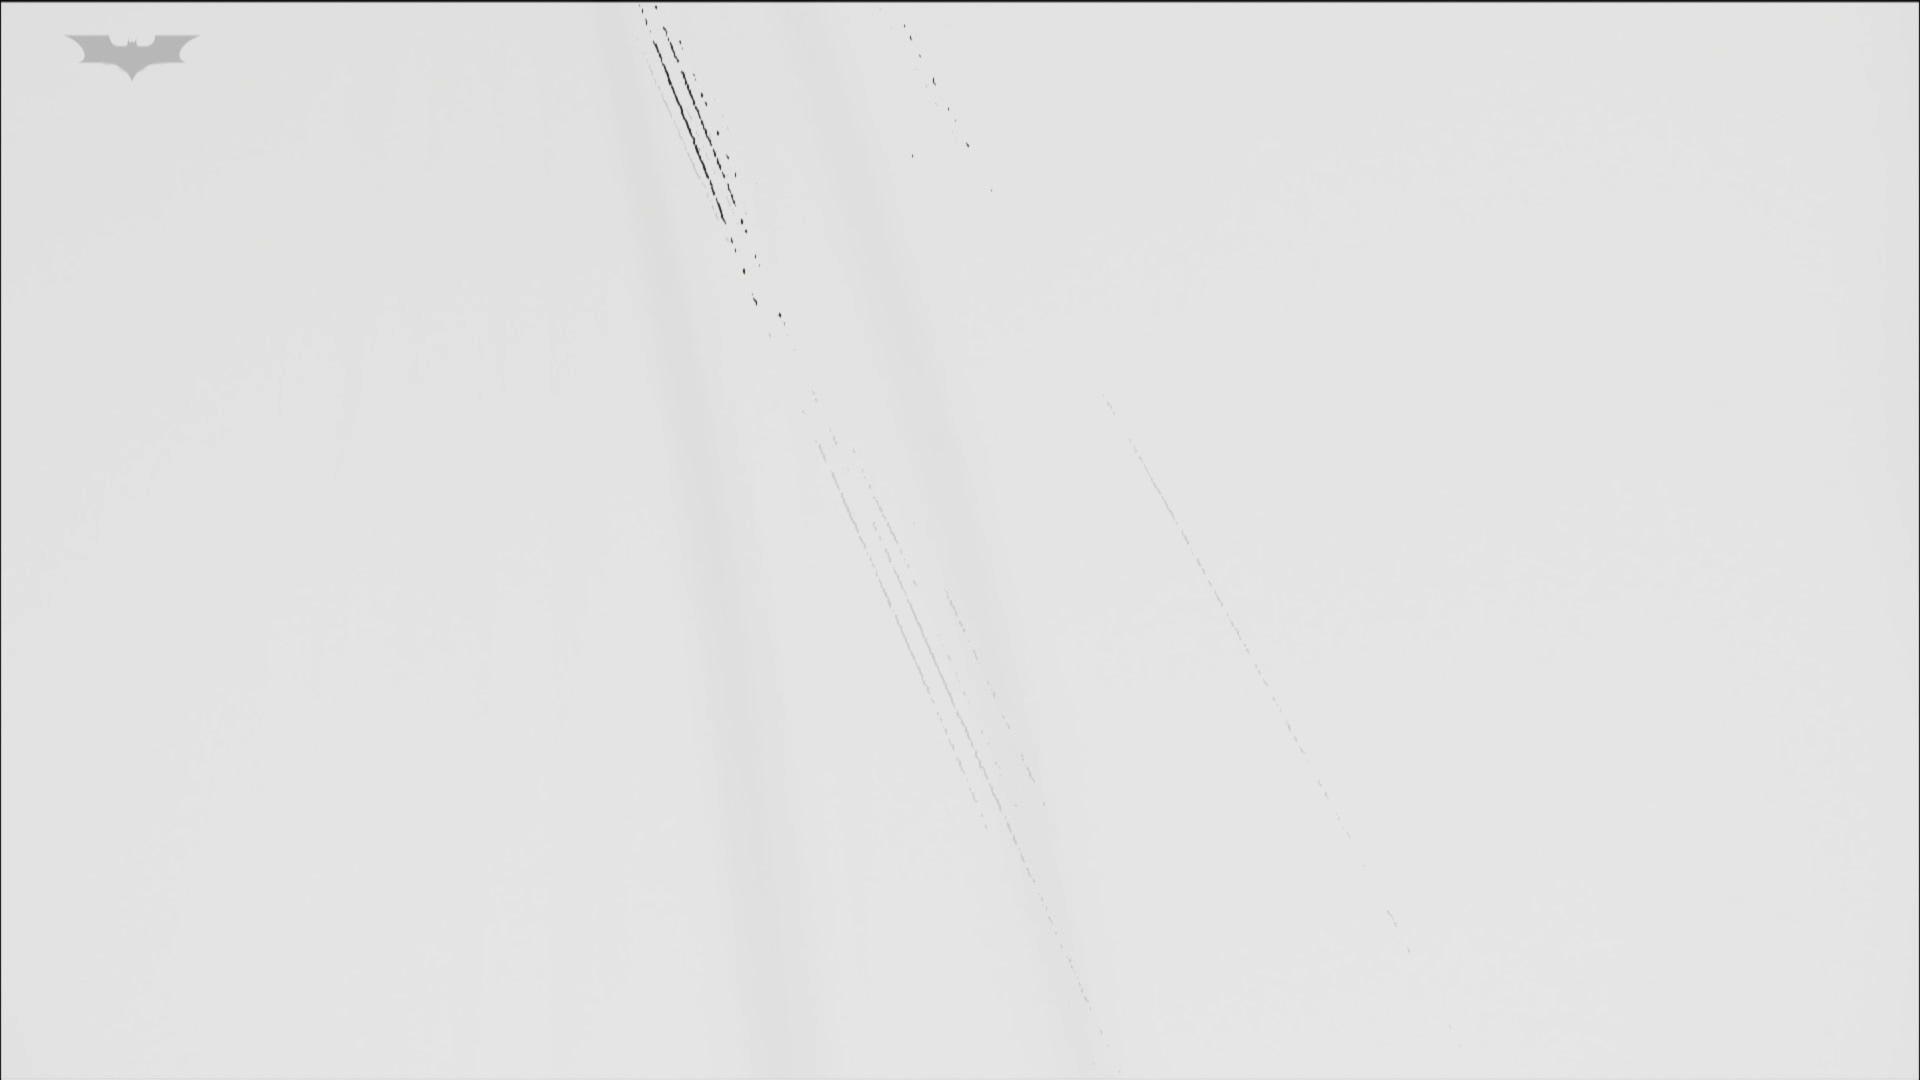 盗撮おまんこ|美しい日本の未来 No.11 進歩!【2015・03位】|怪盗ジョーカー